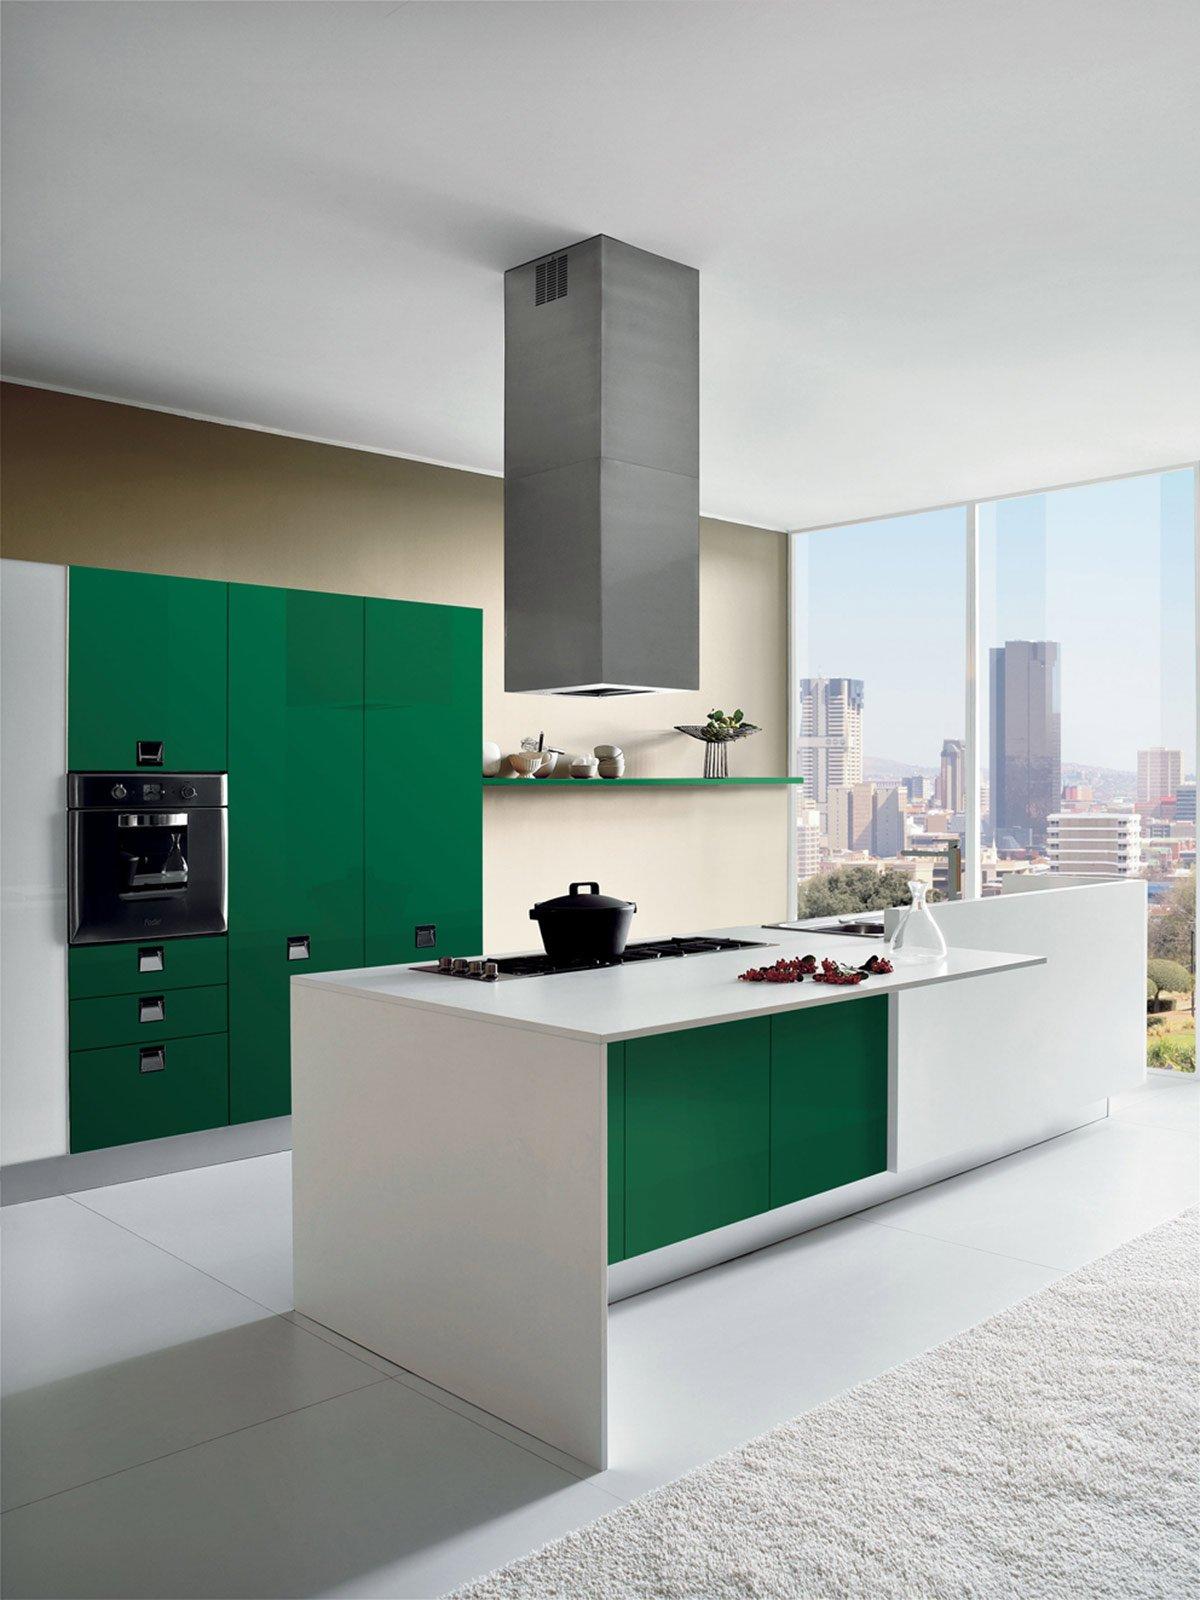 10/10 Di Qualità E Resistenza All'usura Penelope Di Aran Cucine  #075F3E 1200 1600 Veneta Cucine O Aran